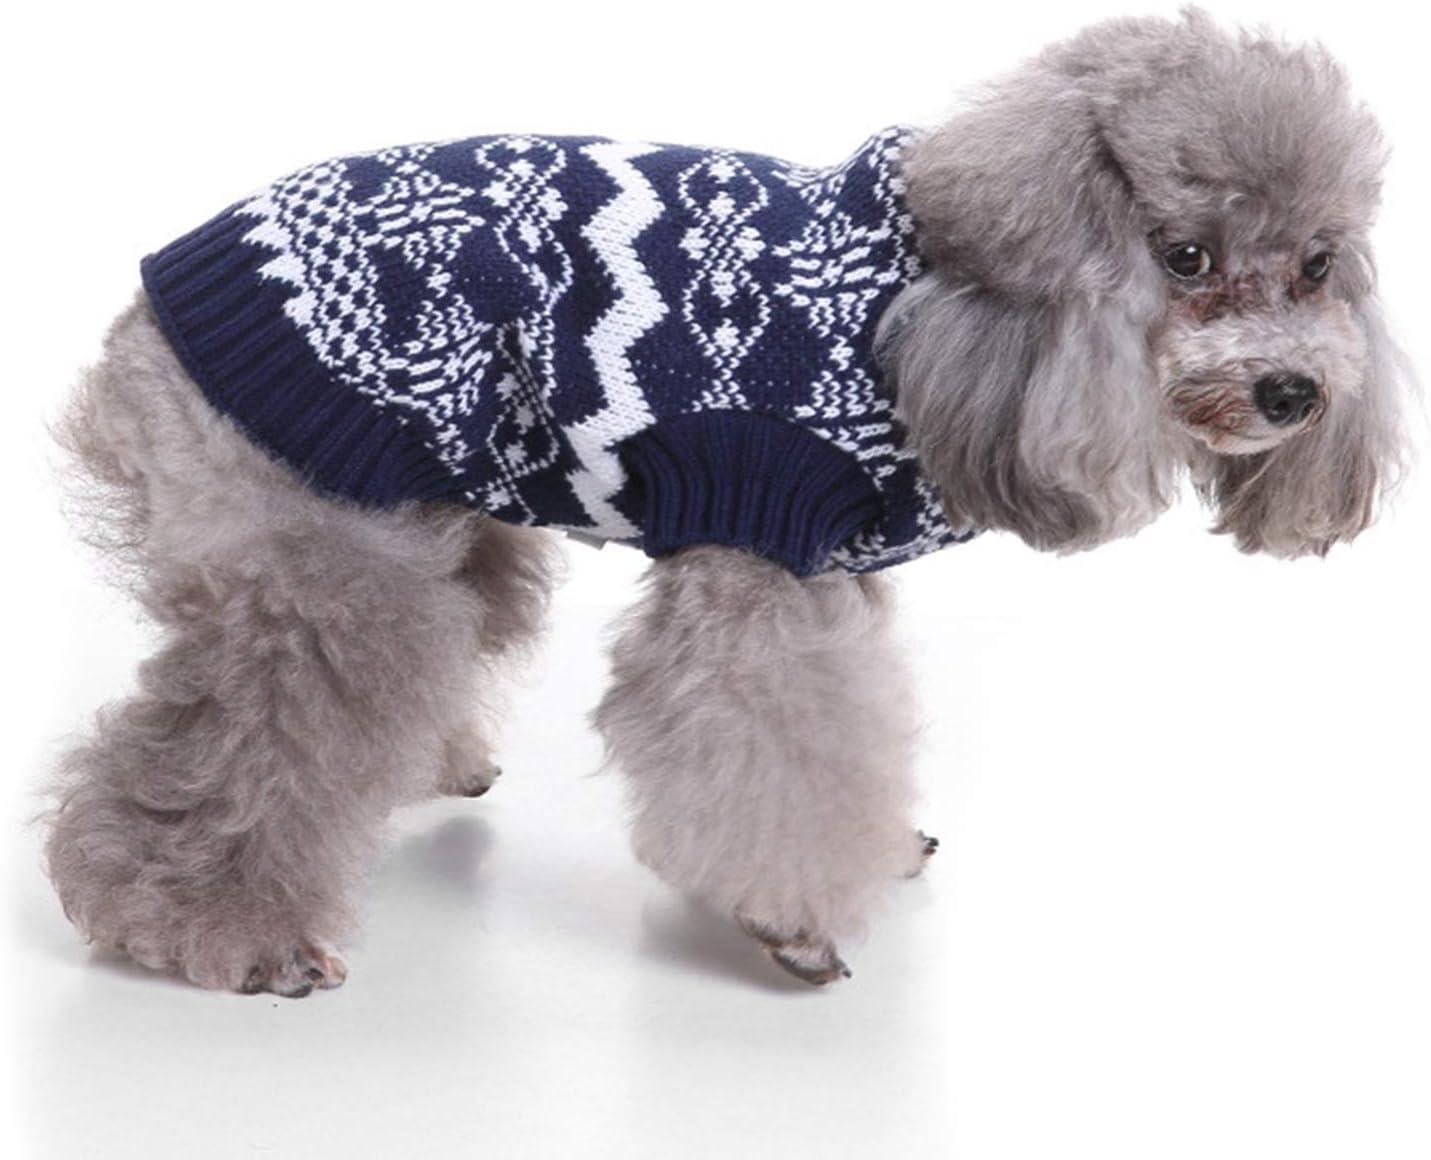 Perro Su/éter Nuevo A/ño Trajes Patr/ón De Navidad Mono De Dos Patas Ropa De Invierno Jersey De La Capa De Fiesta para Los Peque/ños Perros Medianos